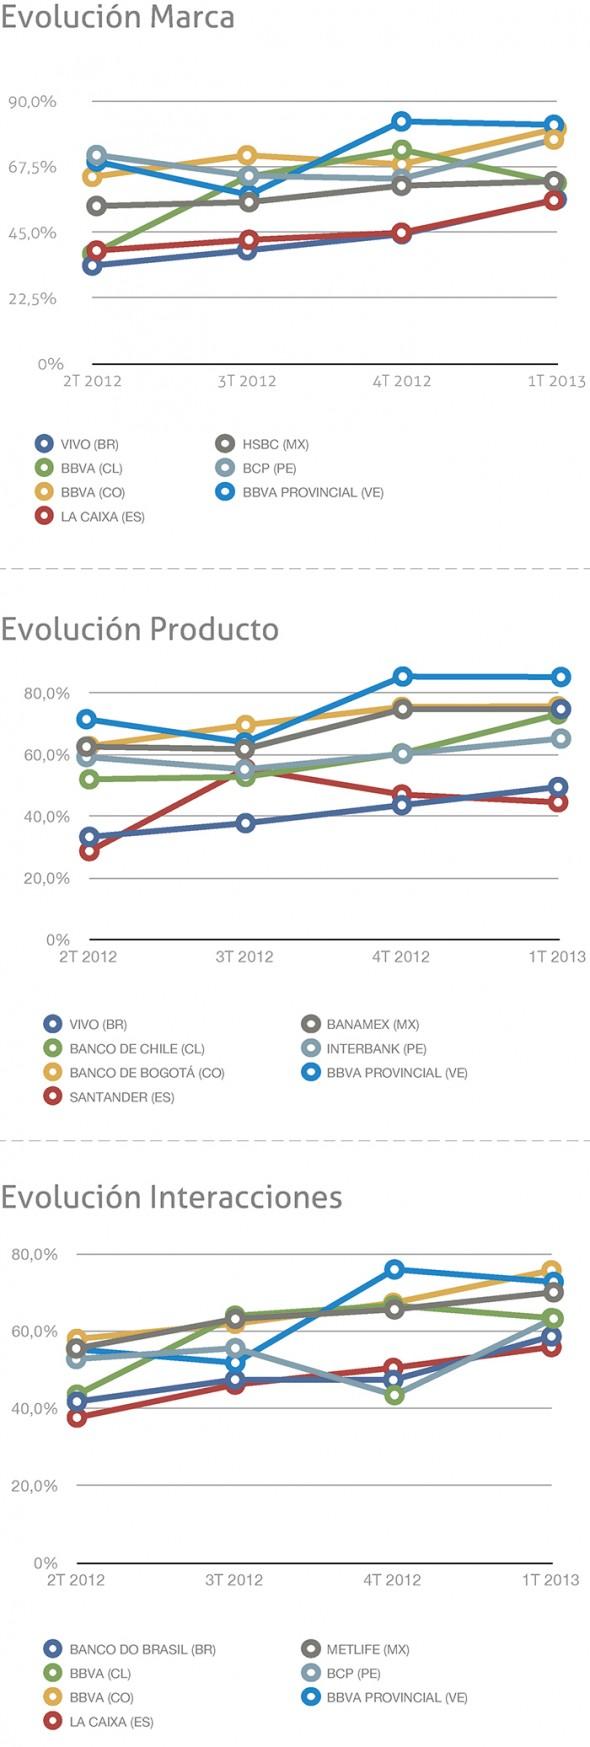 Compañías que más han incrementado en alguna dimensión de la experiencia durante el último año